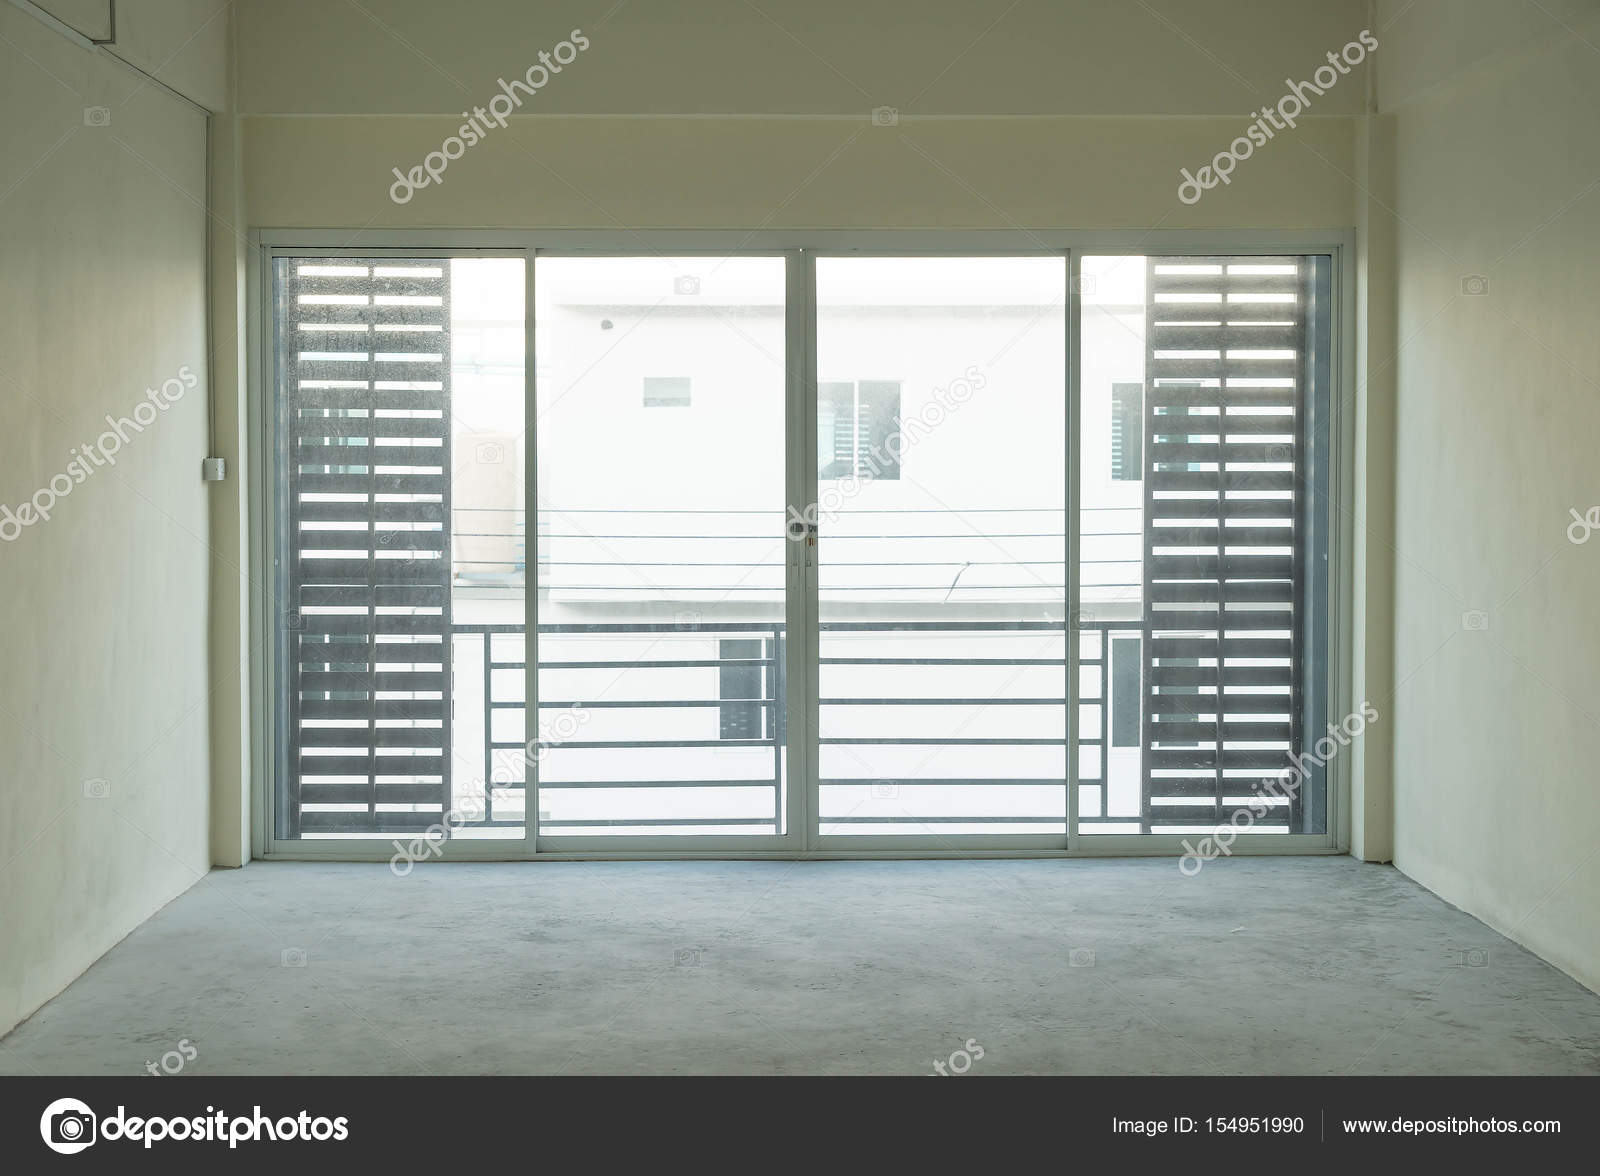 https://st3.depositphotos.com/8687452/15495/i/1600/depositphotos_154951990-stockafbeelding-lege-glazen-deur-in-de.jpg